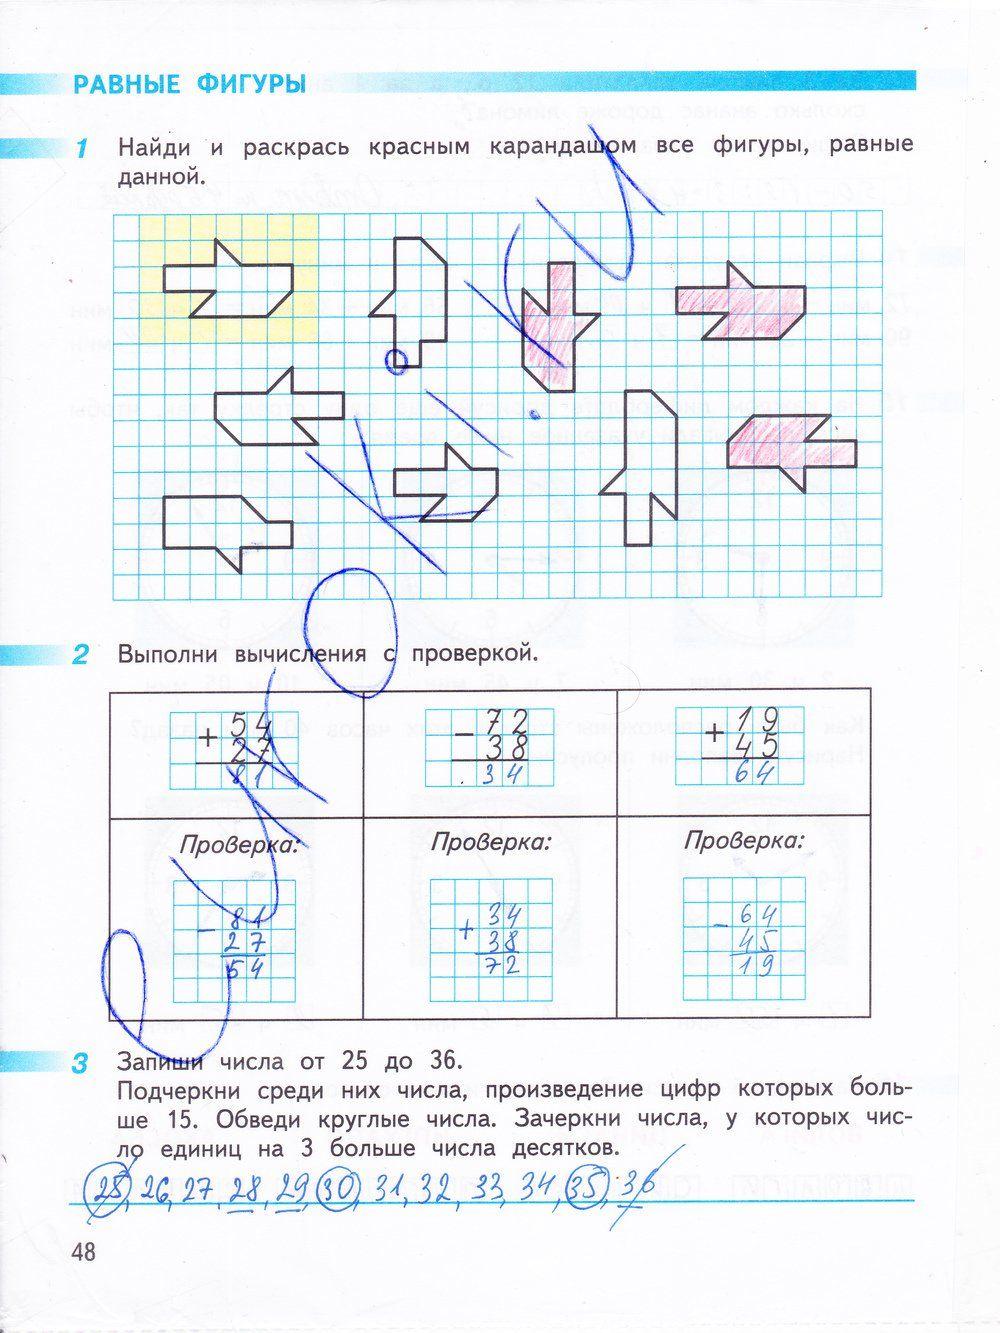 Списывай ру 4г класс по математике часть 1 м.и.моро